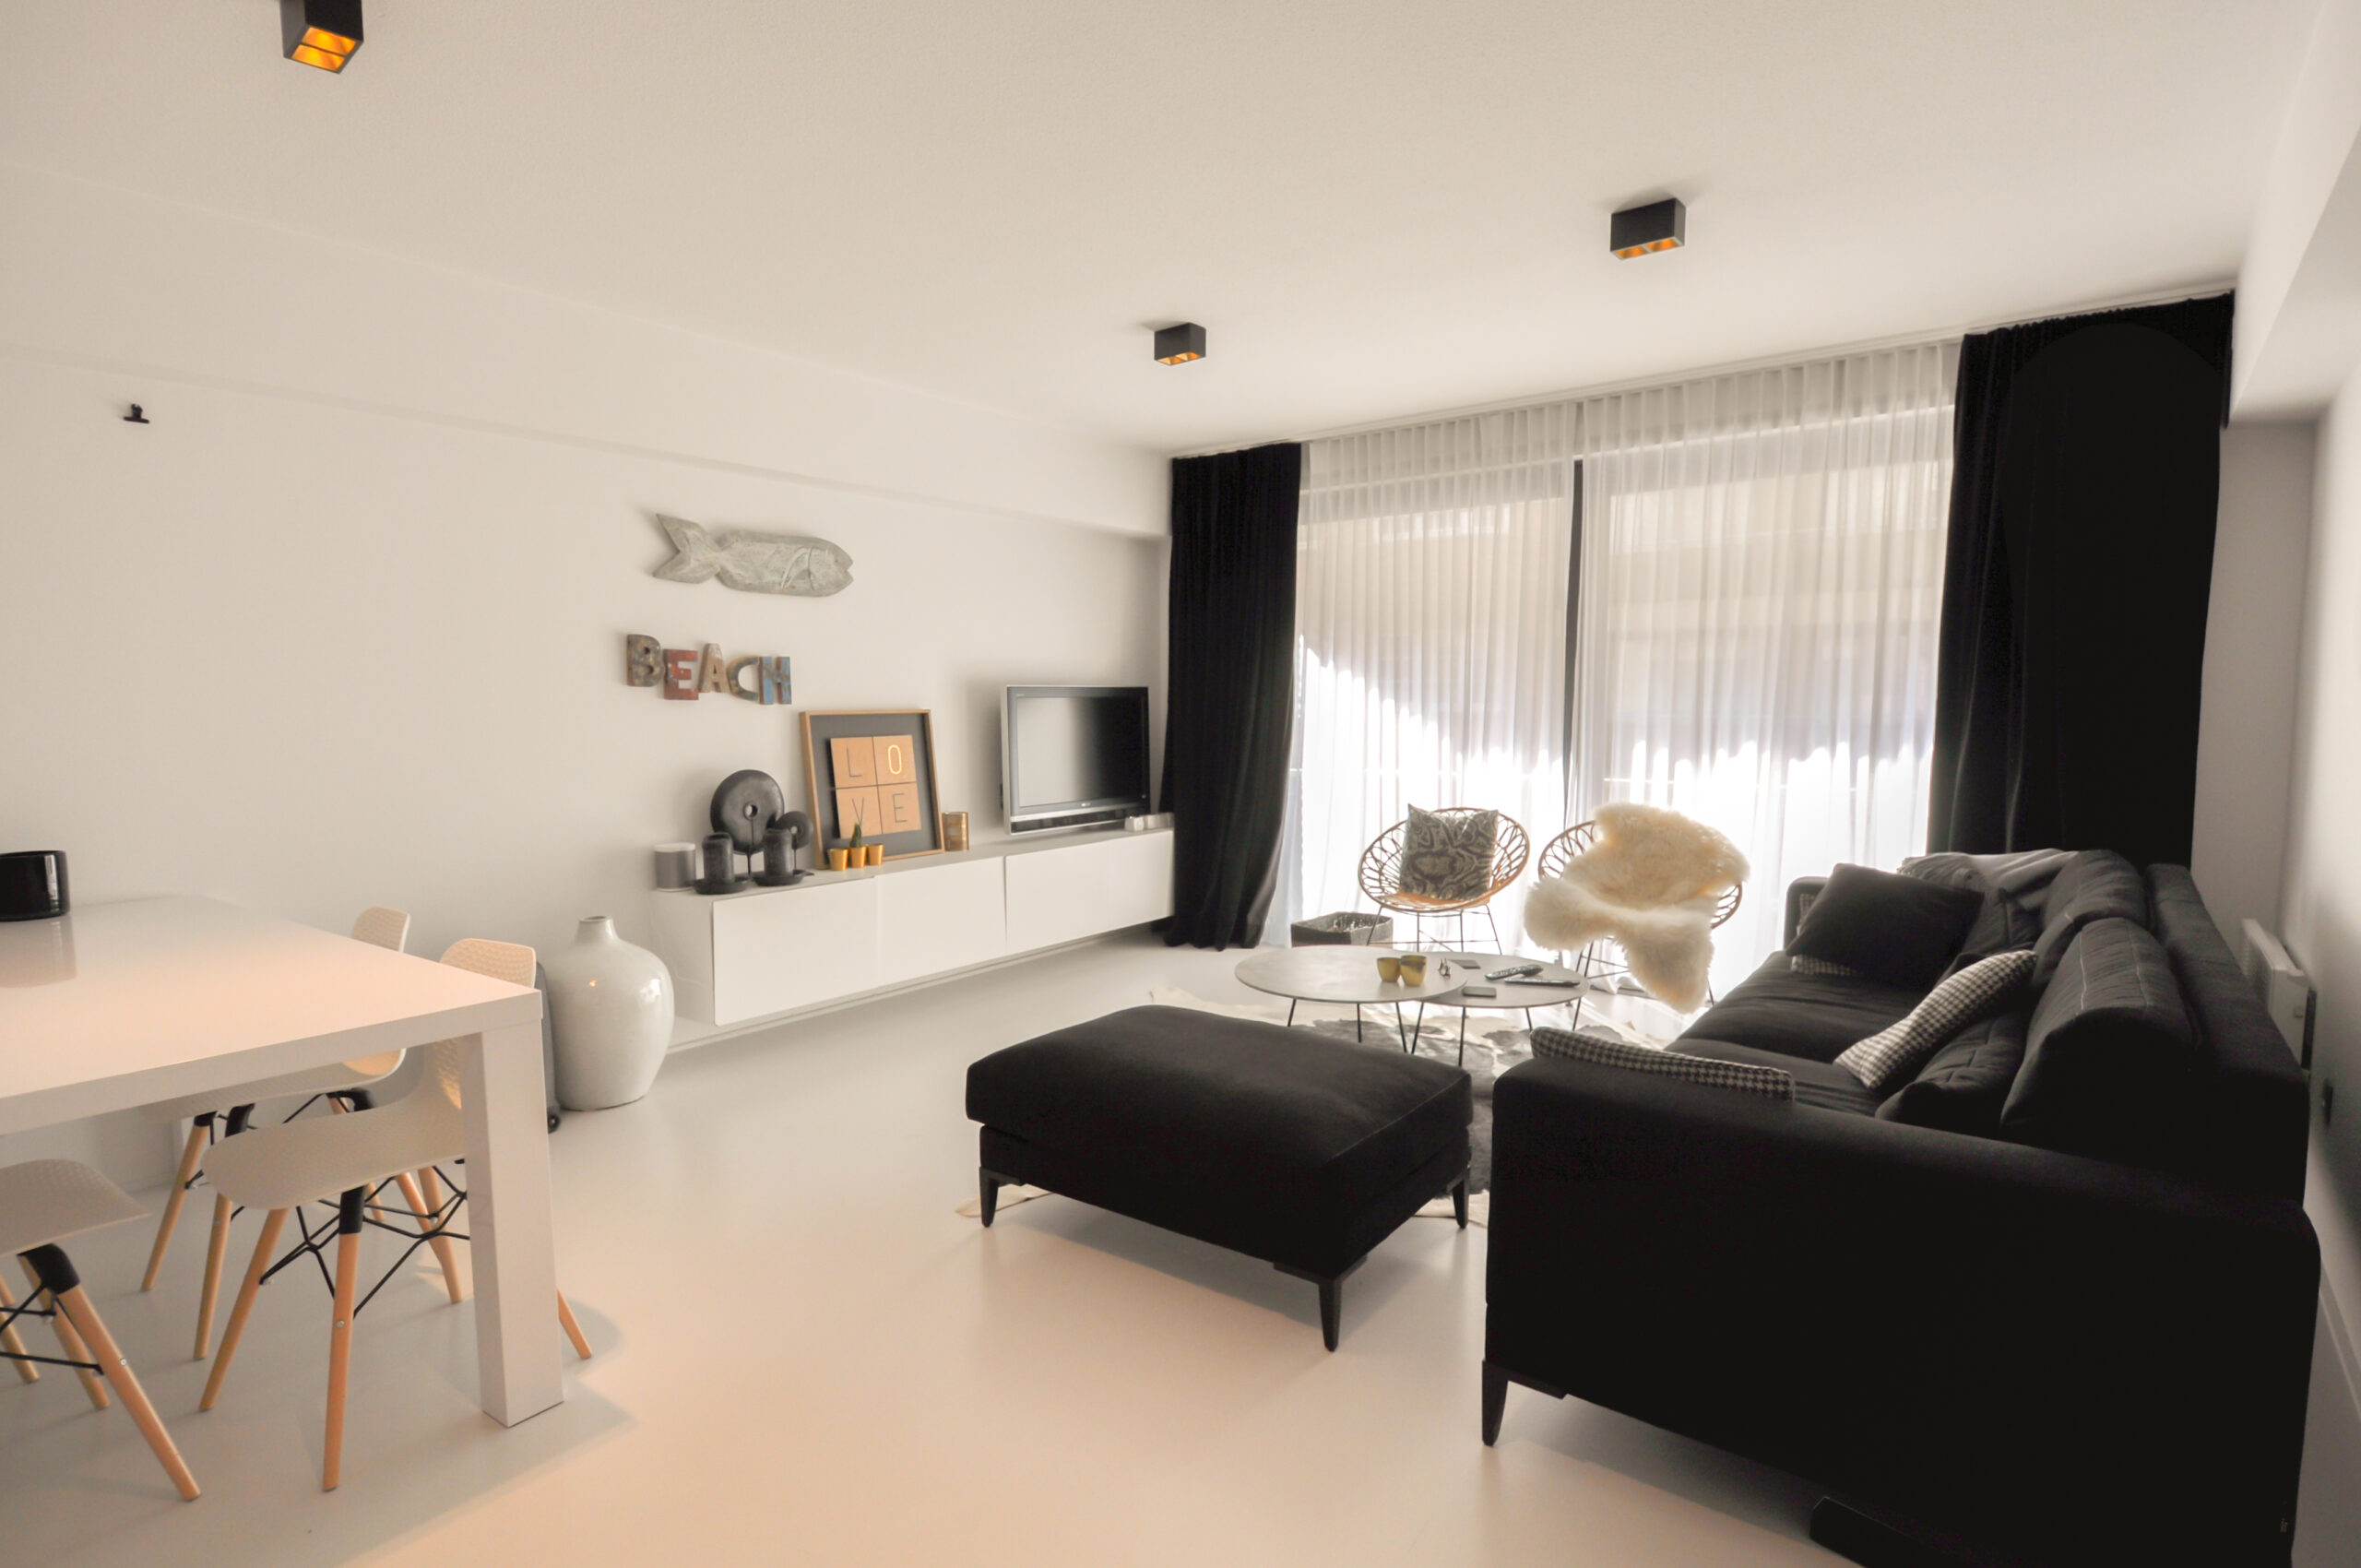 Recent appartement naast het Rubensplein, achterliggend aan de Zeedijk-Knokke